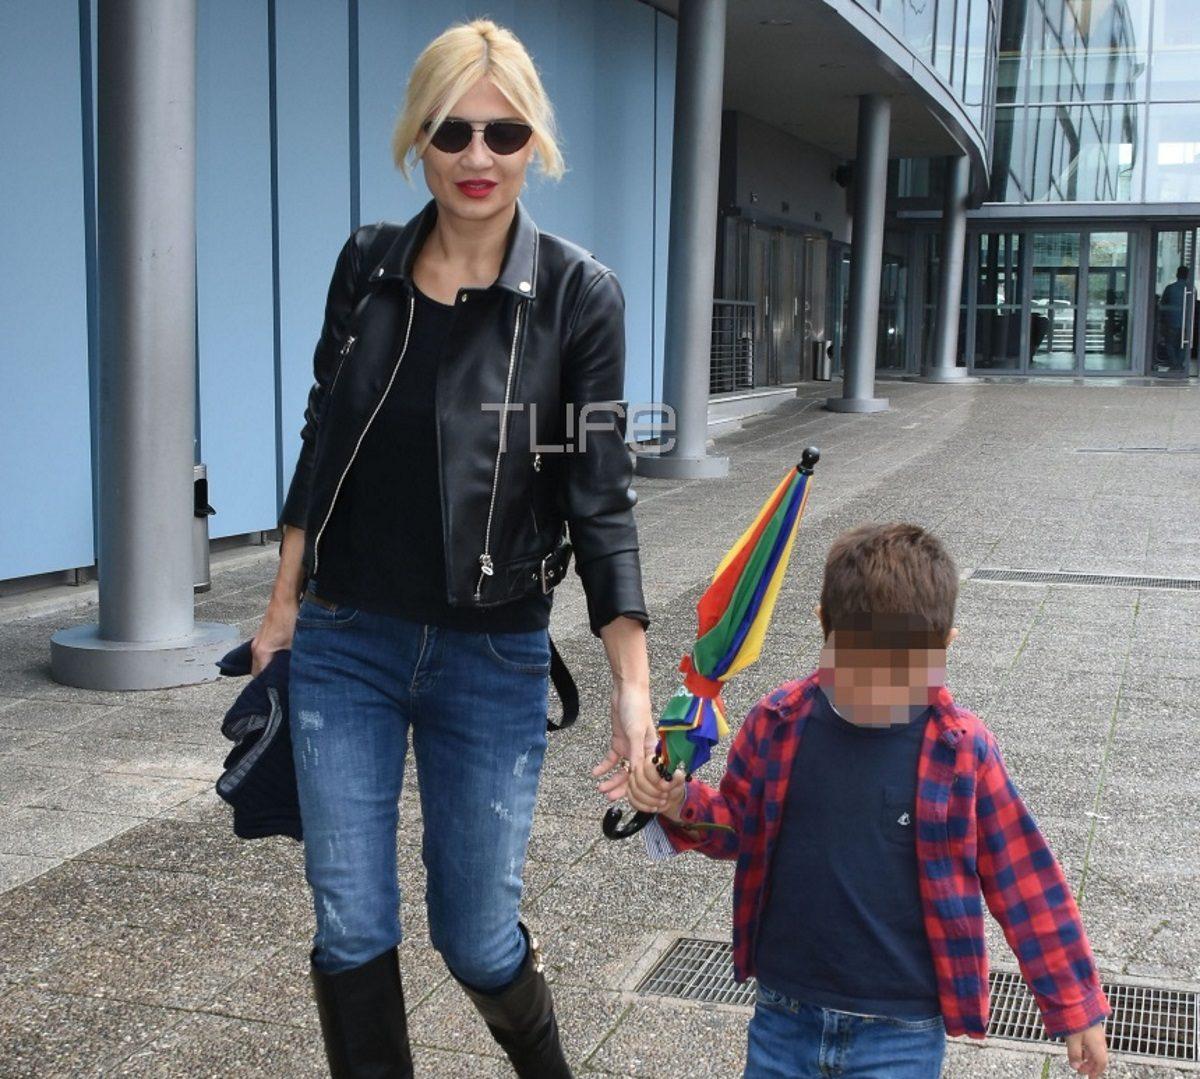 Φαίη Σκορδά: Full time μητέρα! Στο θέατρο με τον μικρότερο γιο της, Δημήτρη [pics] | tlife.gr